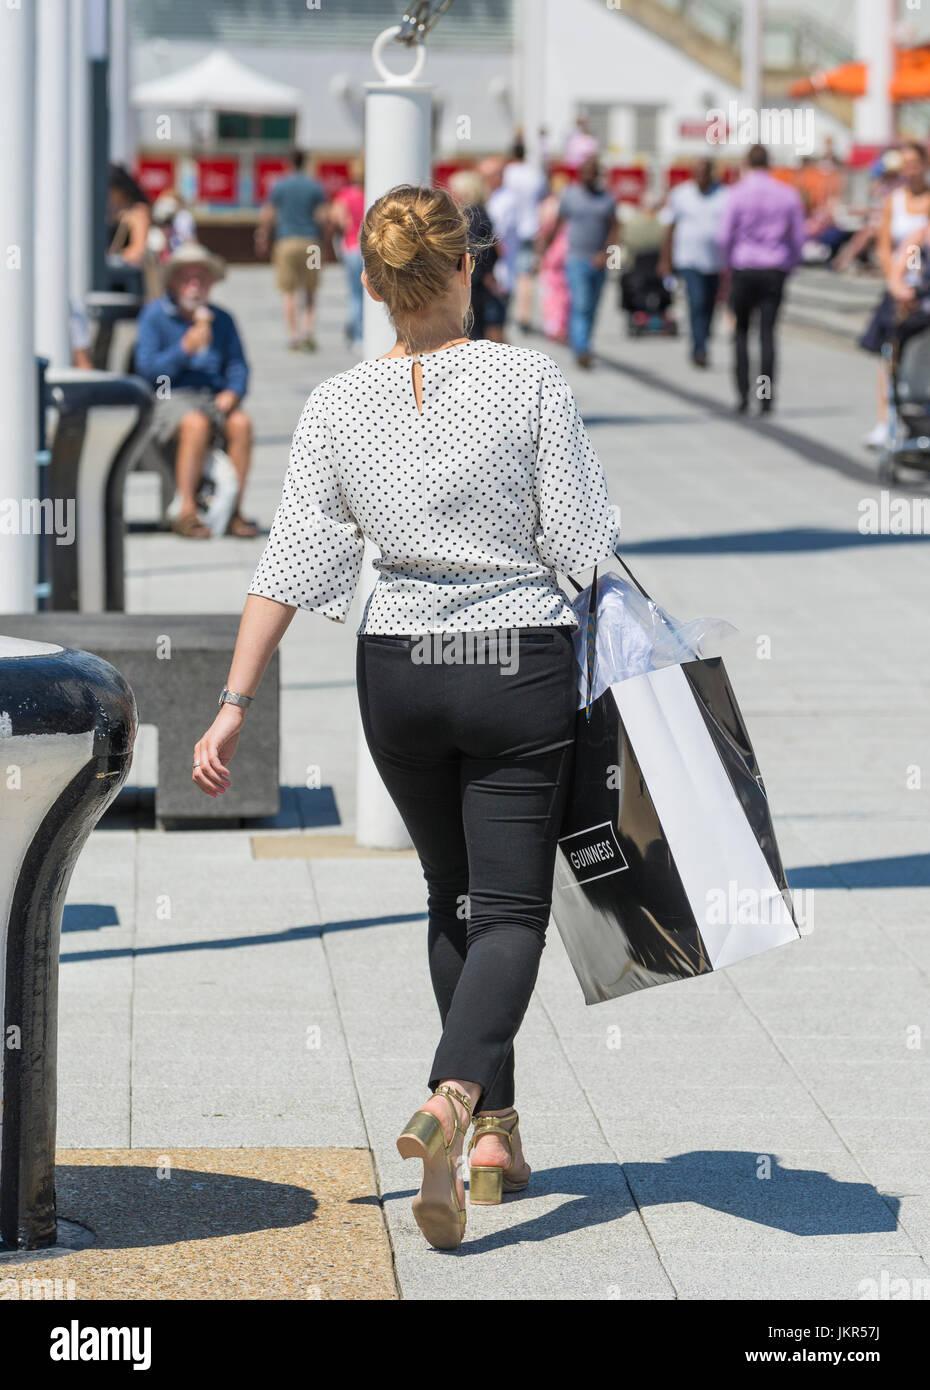 Junge Edel Frau Wandern, gekleidet mit Vorliebe für teure Dinge, tragen Kleidung Shopping Tasche. Stockbild